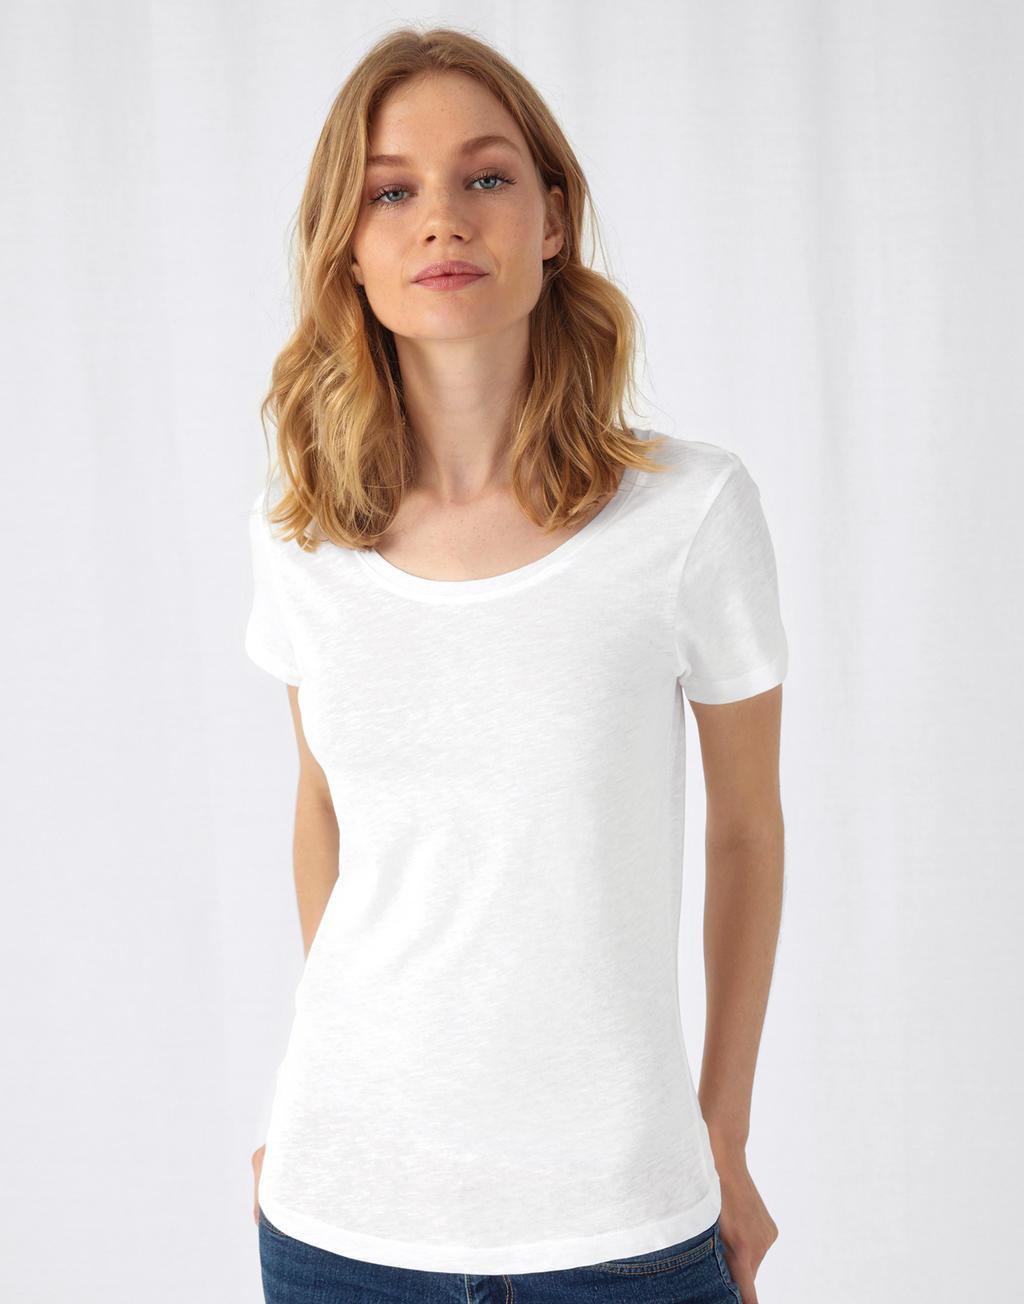 Organic Inspire Slub /women T-shirt